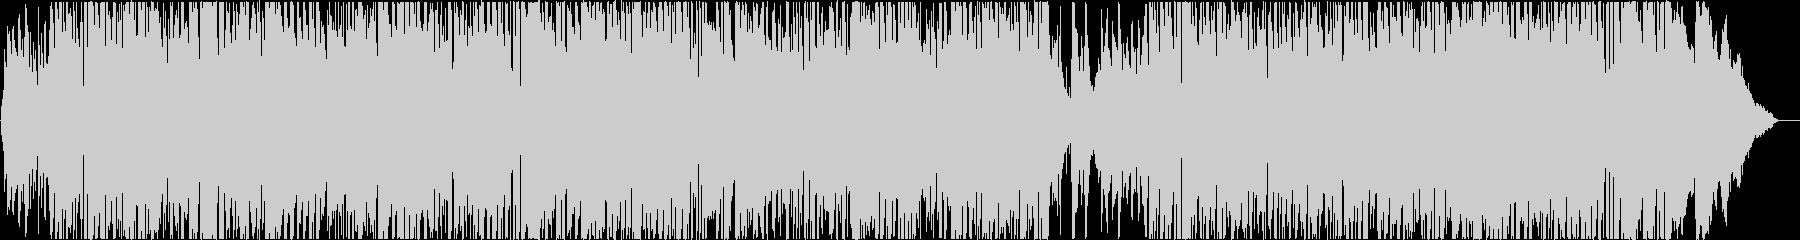 軽快でおしゃれな生演奏フルートのボサノバの未再生の波形